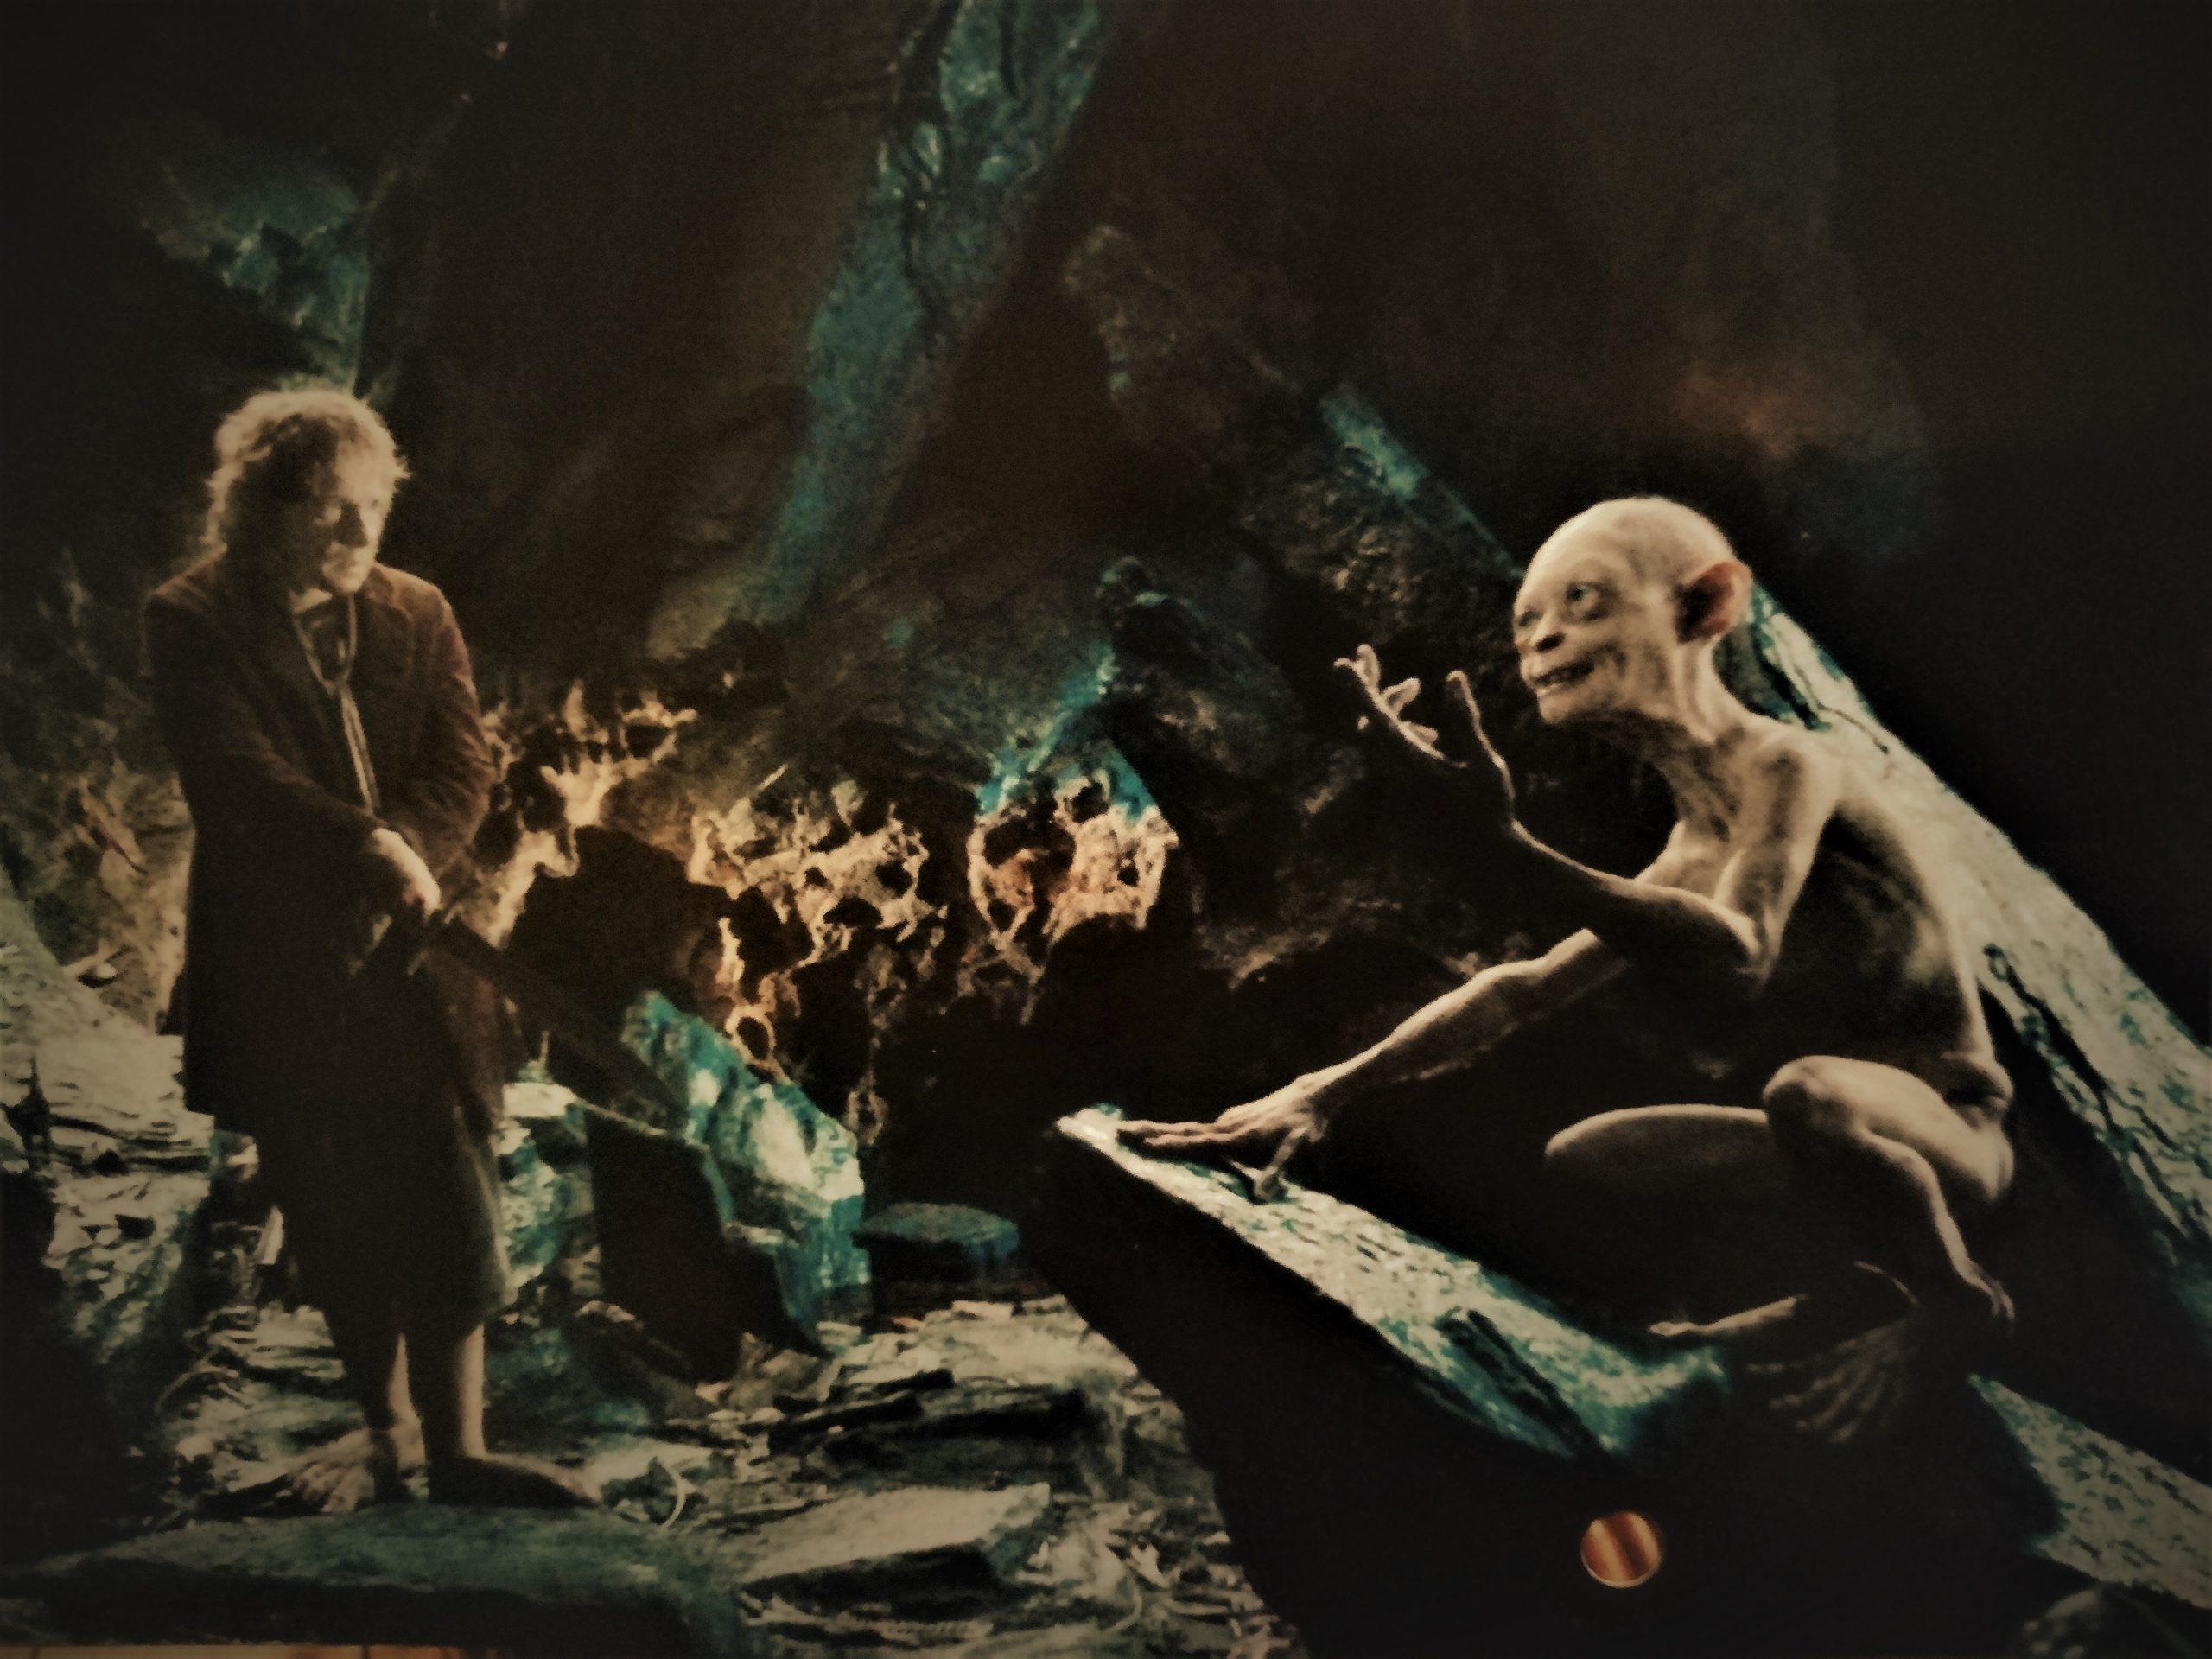 Bilbo and Gollum